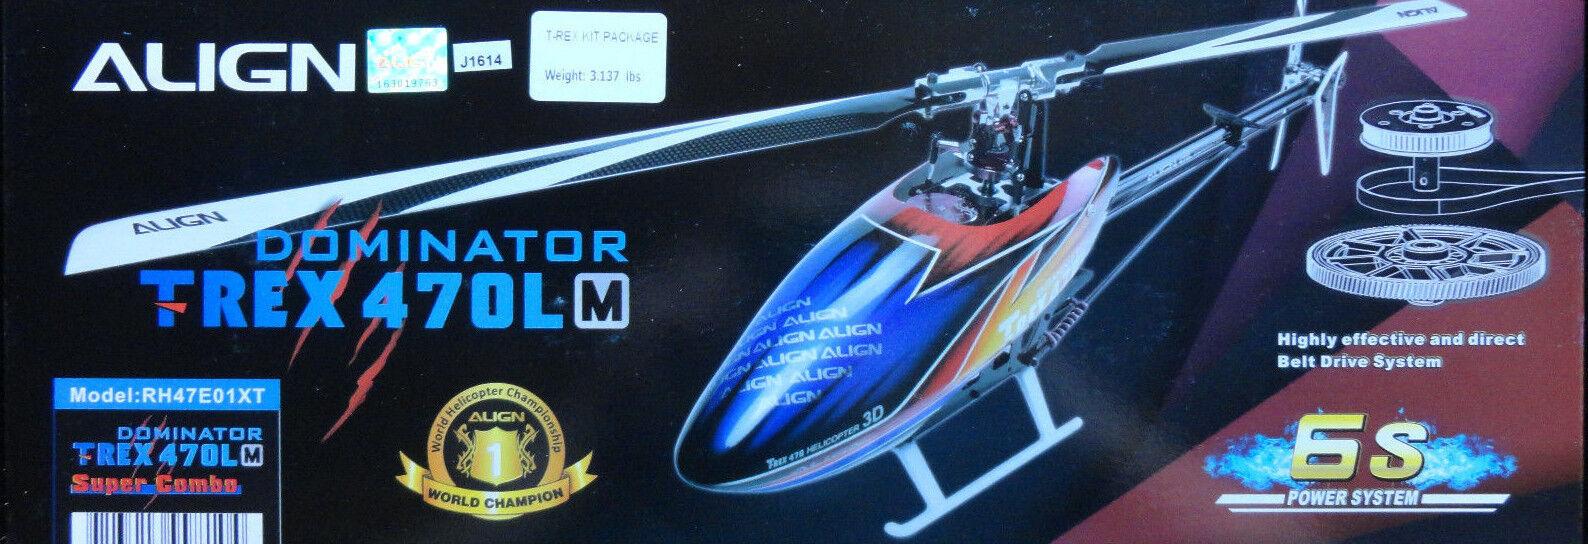 Align Trex 470Lm Dominator 470 Tamaño Eléctrico Helicóptero